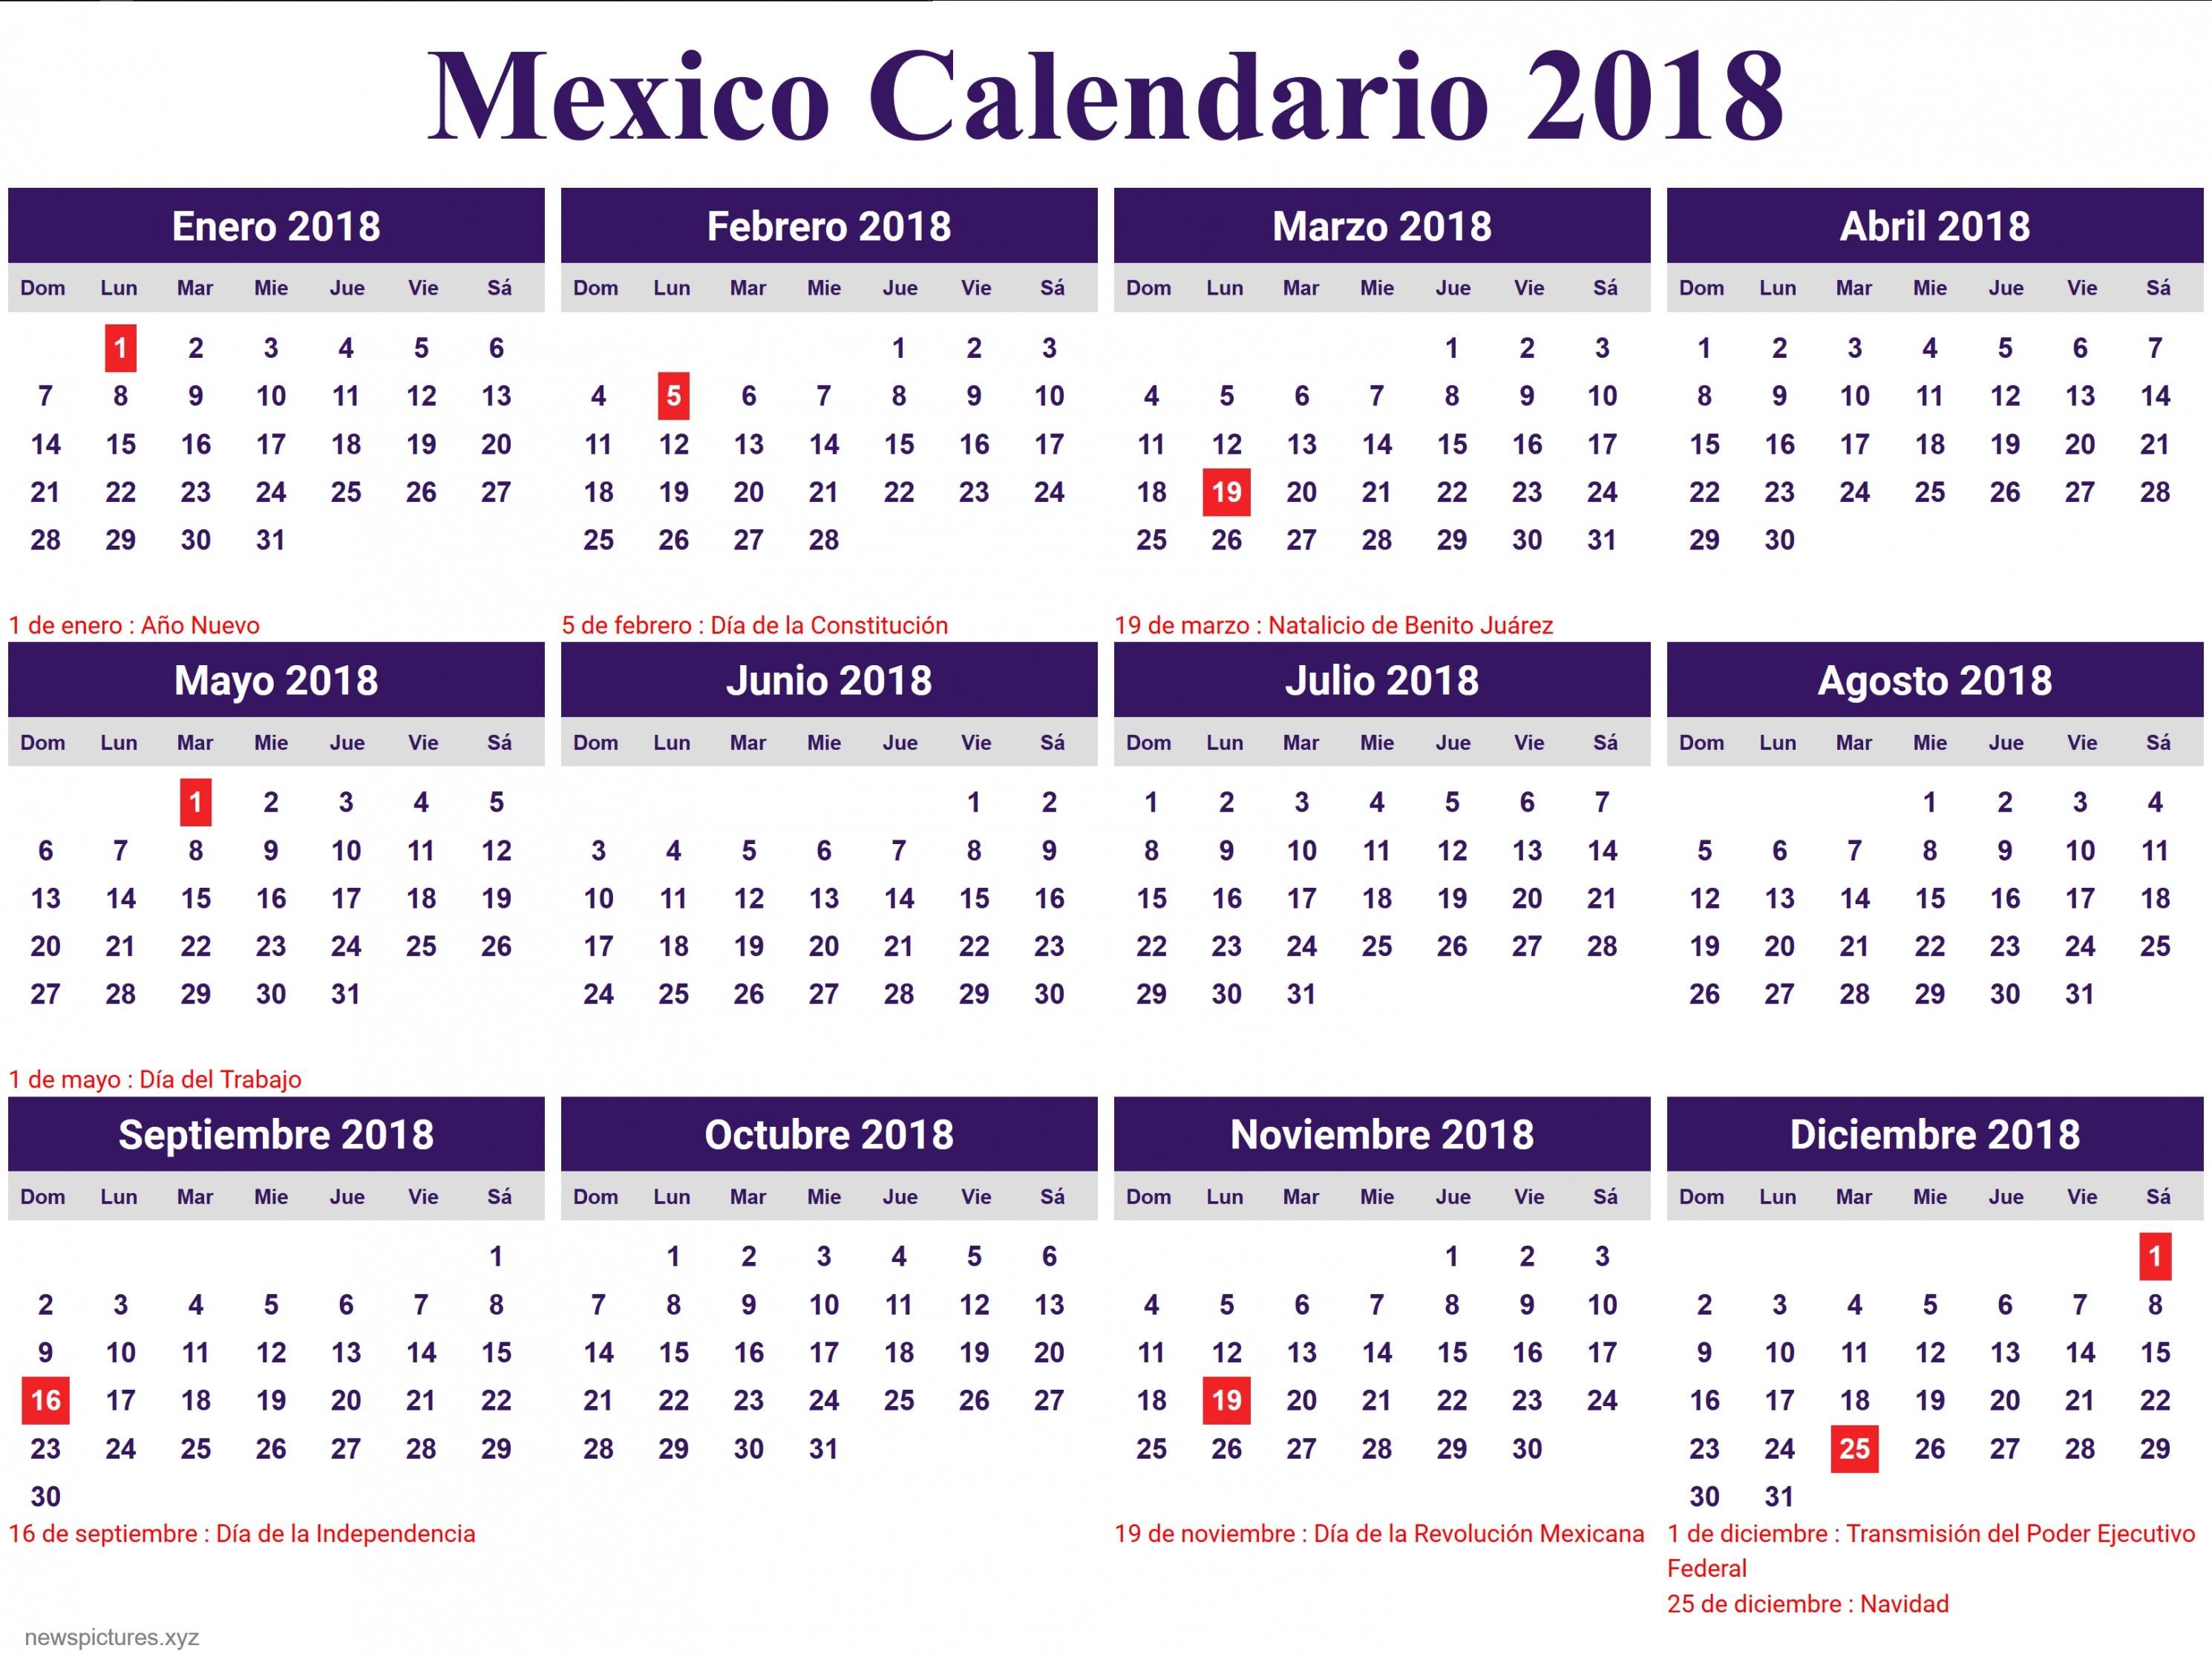 Calendario De Febrero 2017 Peru Más Recientemente Liberado Calendario 2018 Con Festivos — Fiesta De Lamusica Medellin Of Calendario De Febrero 2017 Peru Más Populares Impetu 04 De Junio Del 2018 by Diario mpetu issuu